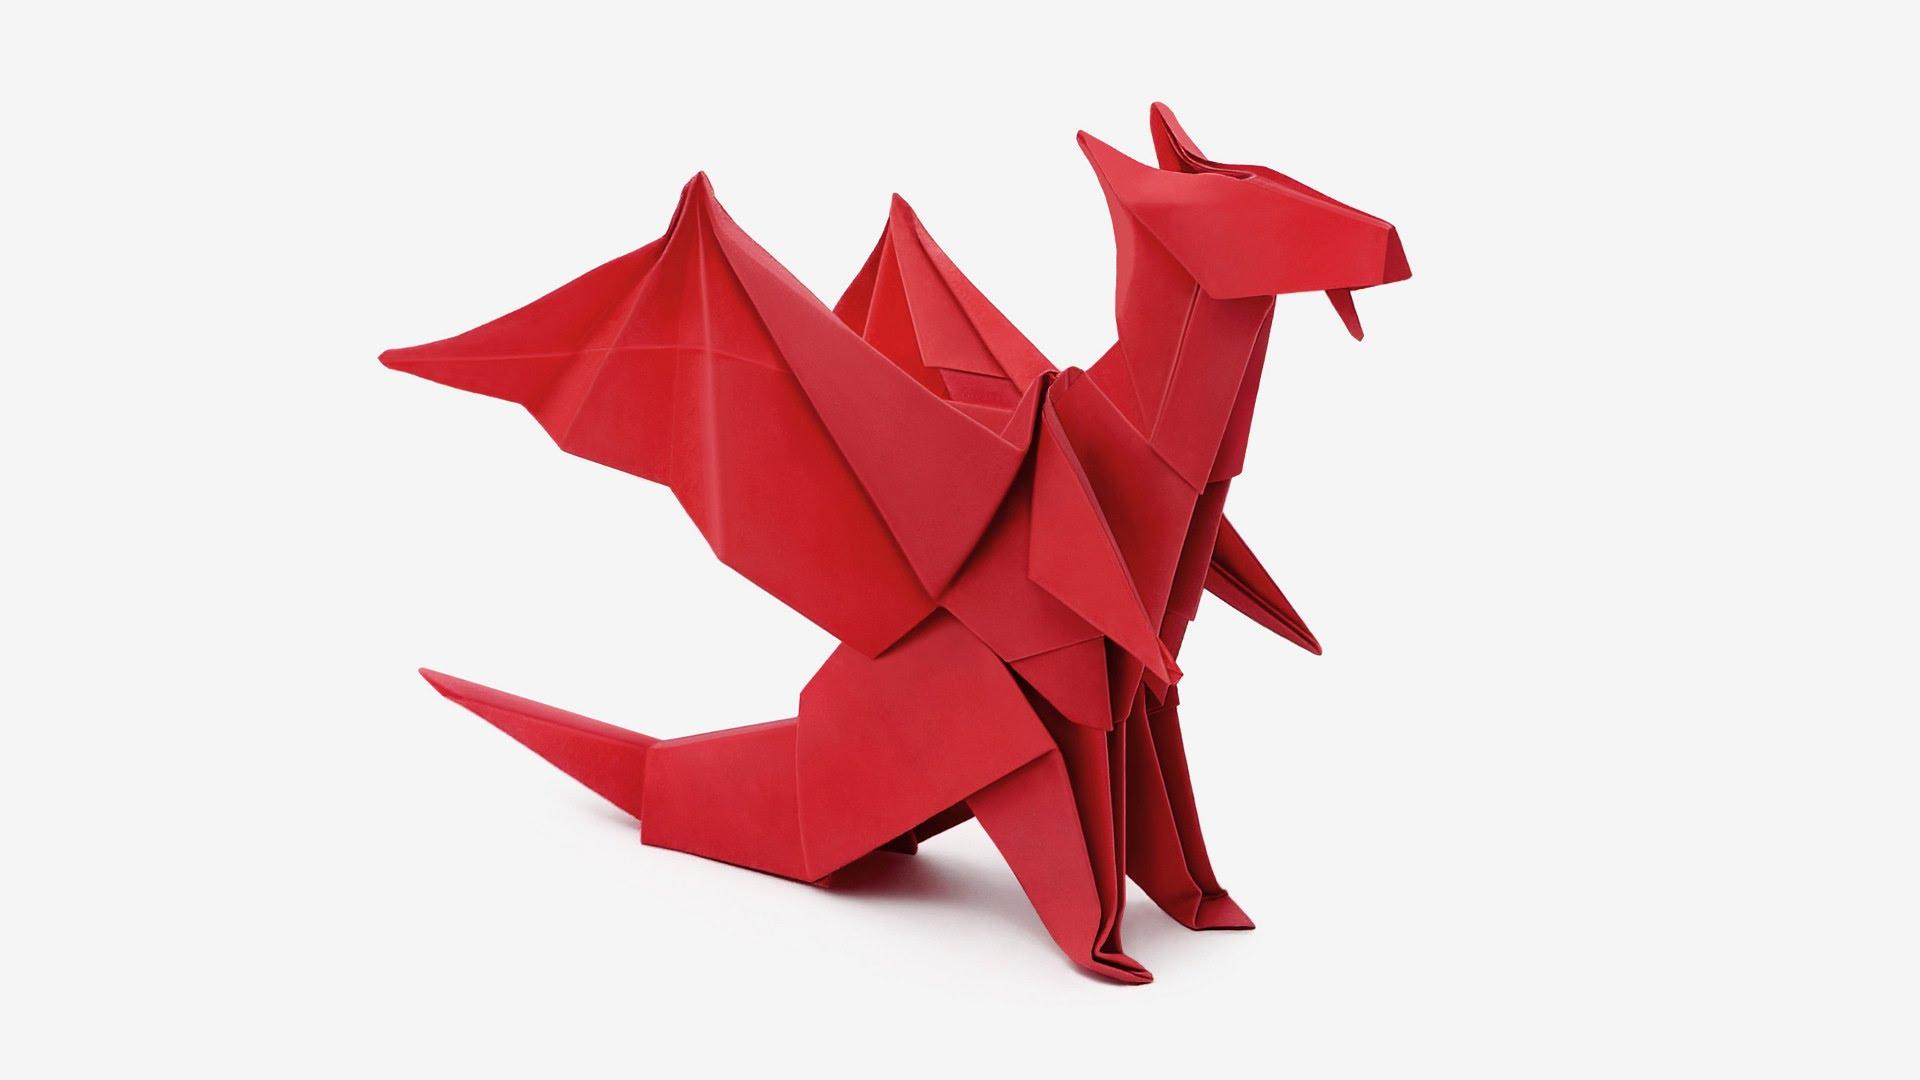 Origami de dragón de papel, realismo para un ser mitológico.